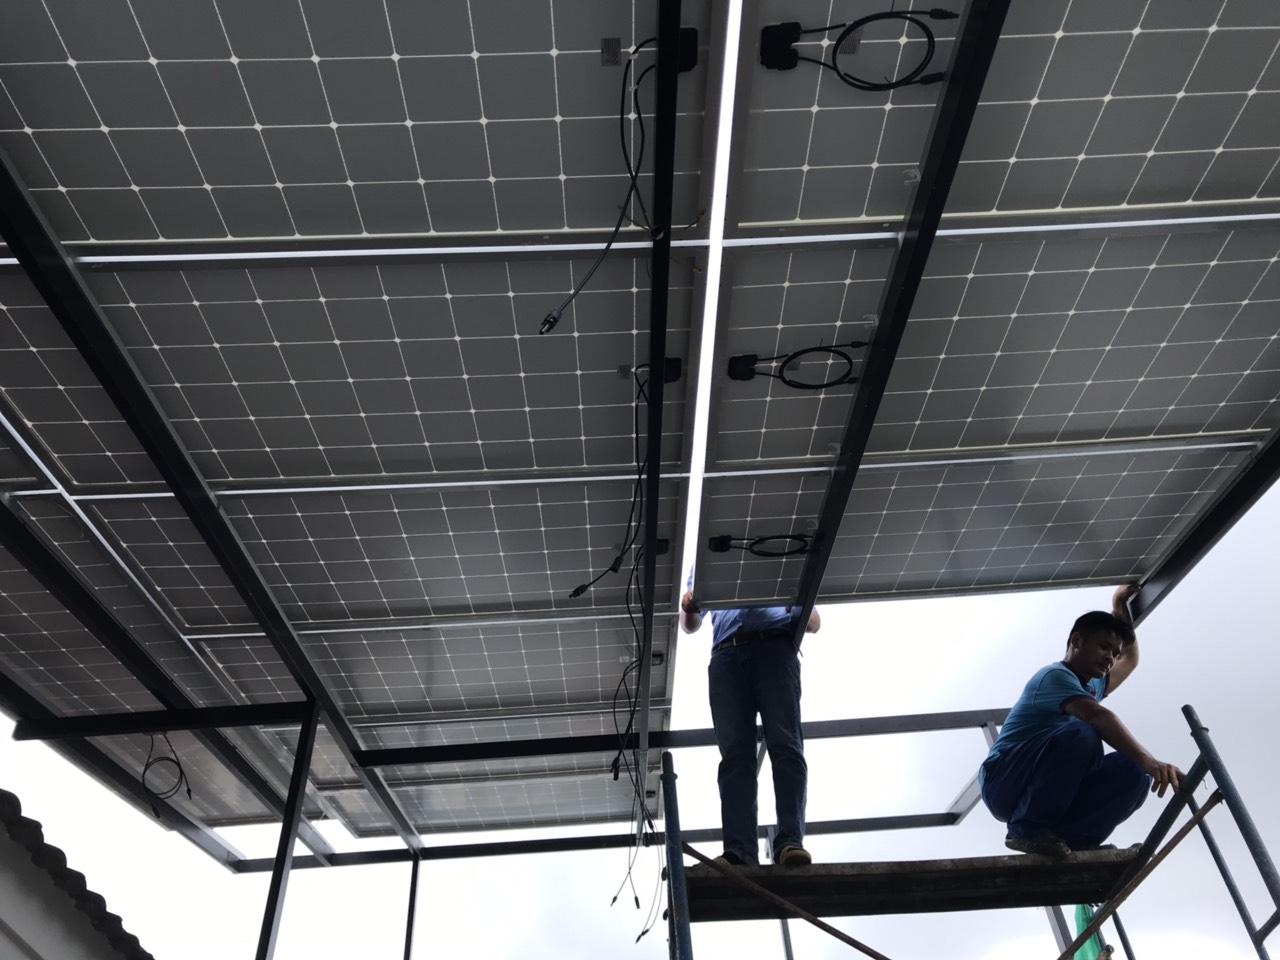 Nhiên viên HG Led Solar thi công điện năng lượng mặt trời